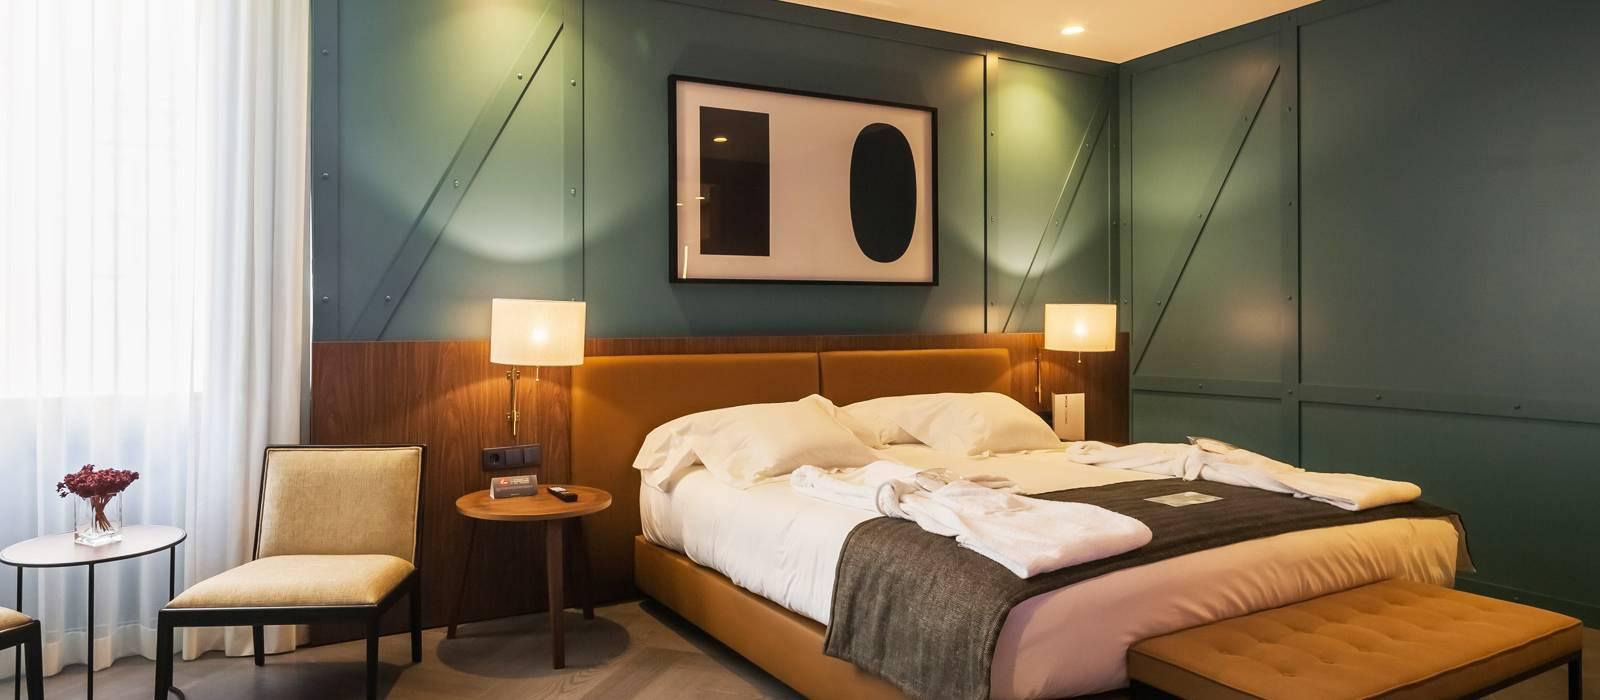 Offres Hotel Vincci Porto - Réservez maintenant -10%!